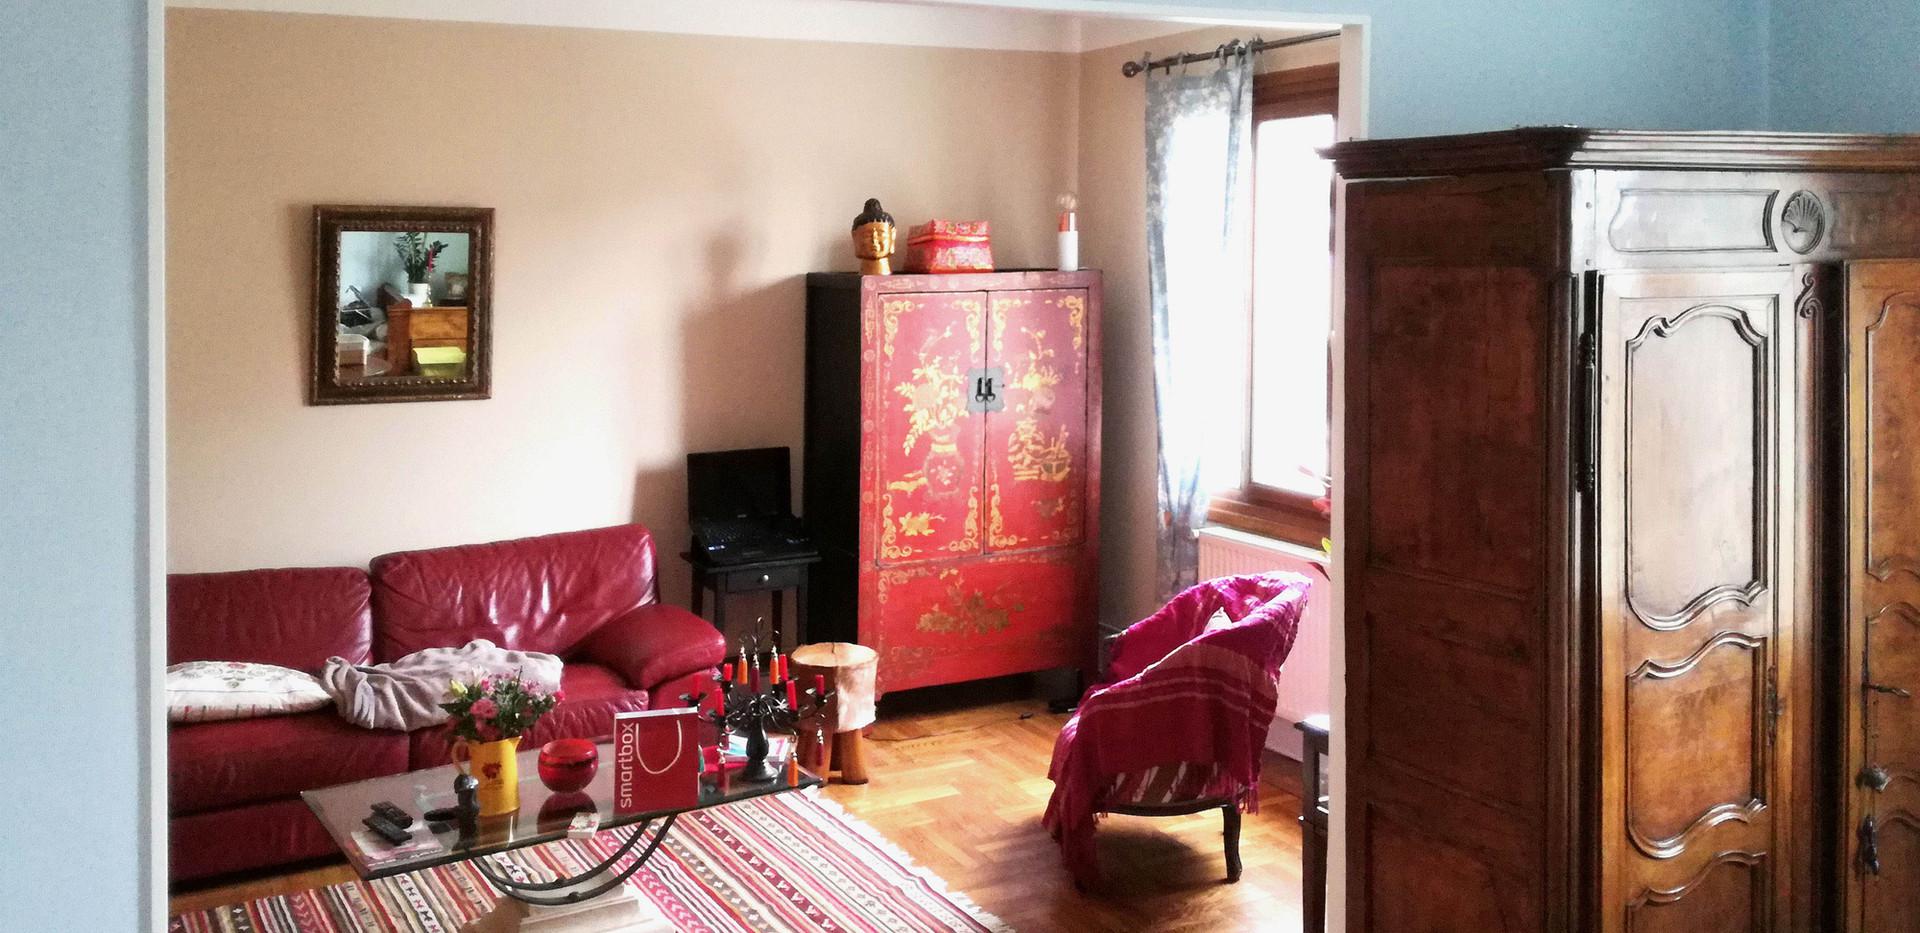 Rénovation d'un appartement - Villeurbanne